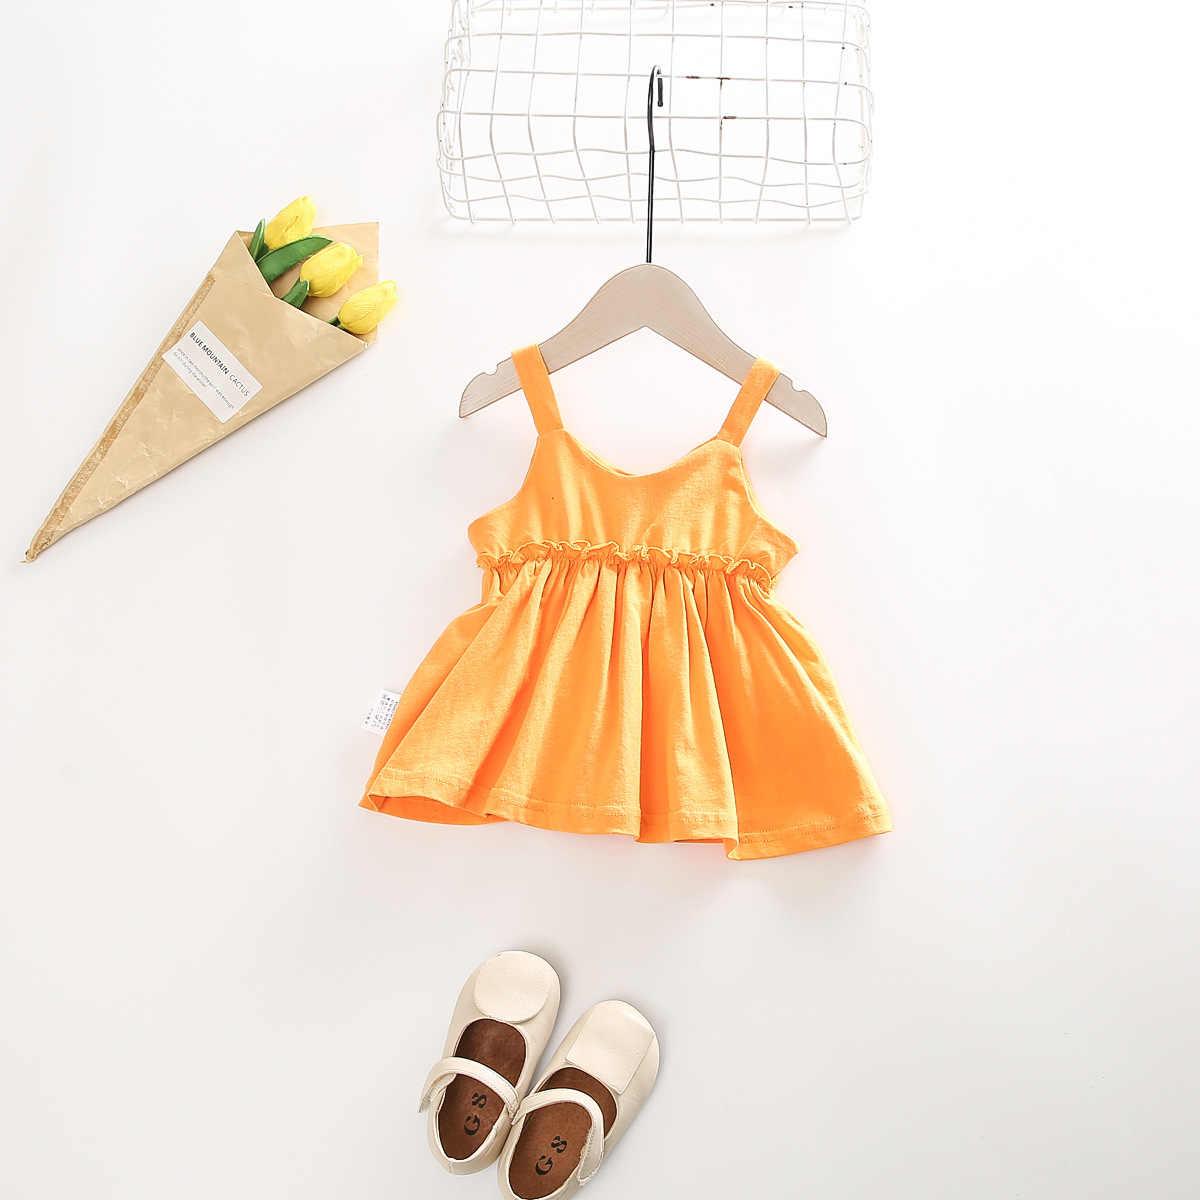 Parte Superior Do Tanque de verão Criança Meninas Do Bebê Colete Vestido de Camisa Crianças Doces Cor Da Moda Meninas Roupas